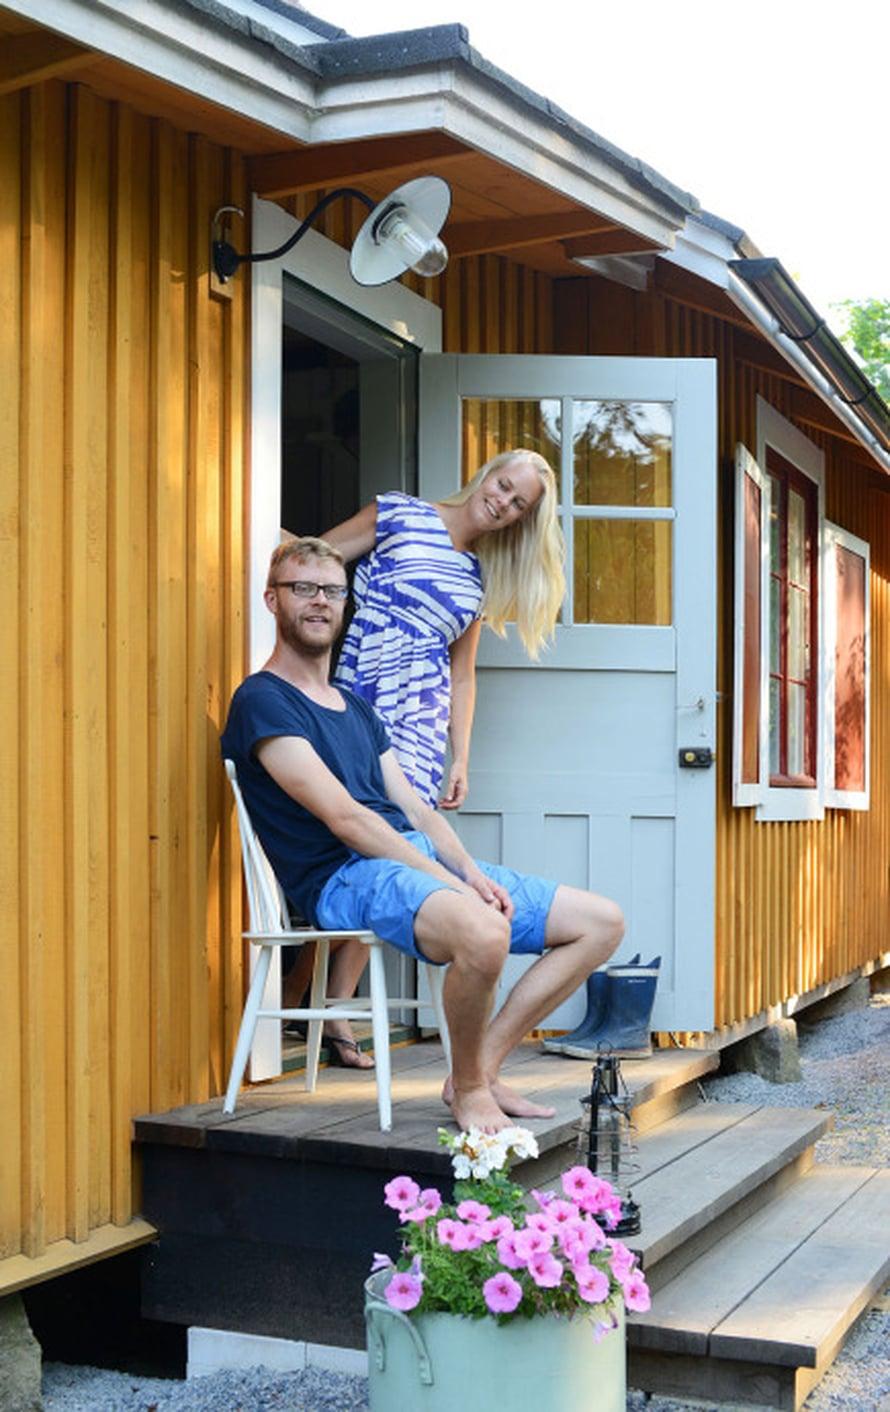 Sebastianja Suvi Segercrantzin kodin sisäänkäynti on takapihalla. Rehevällä takapihalla unohtaa olevansa kaupungissa.